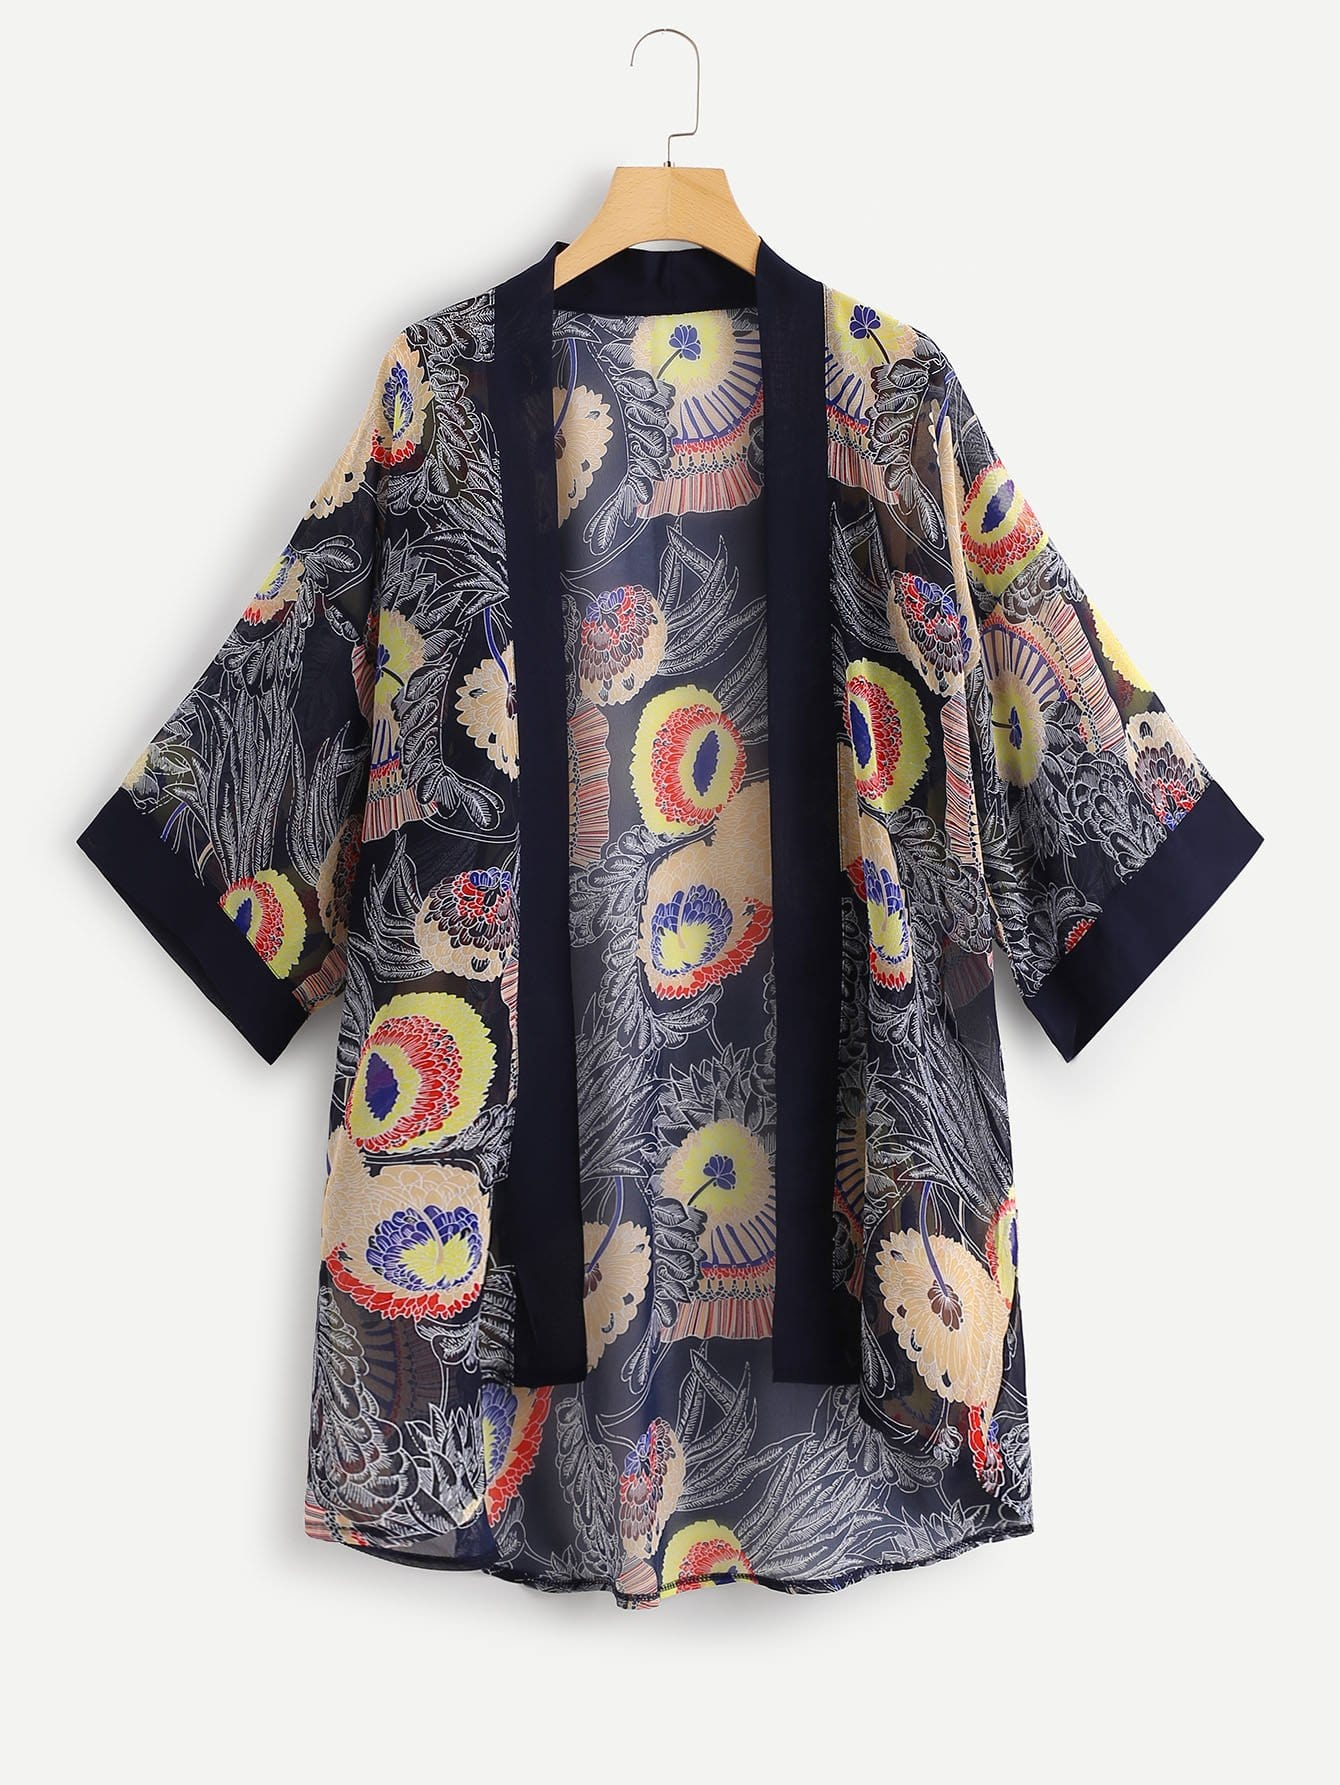 Купить Повседневный Цветочный кимоно Многоцветные Кимоно, null, SheIn